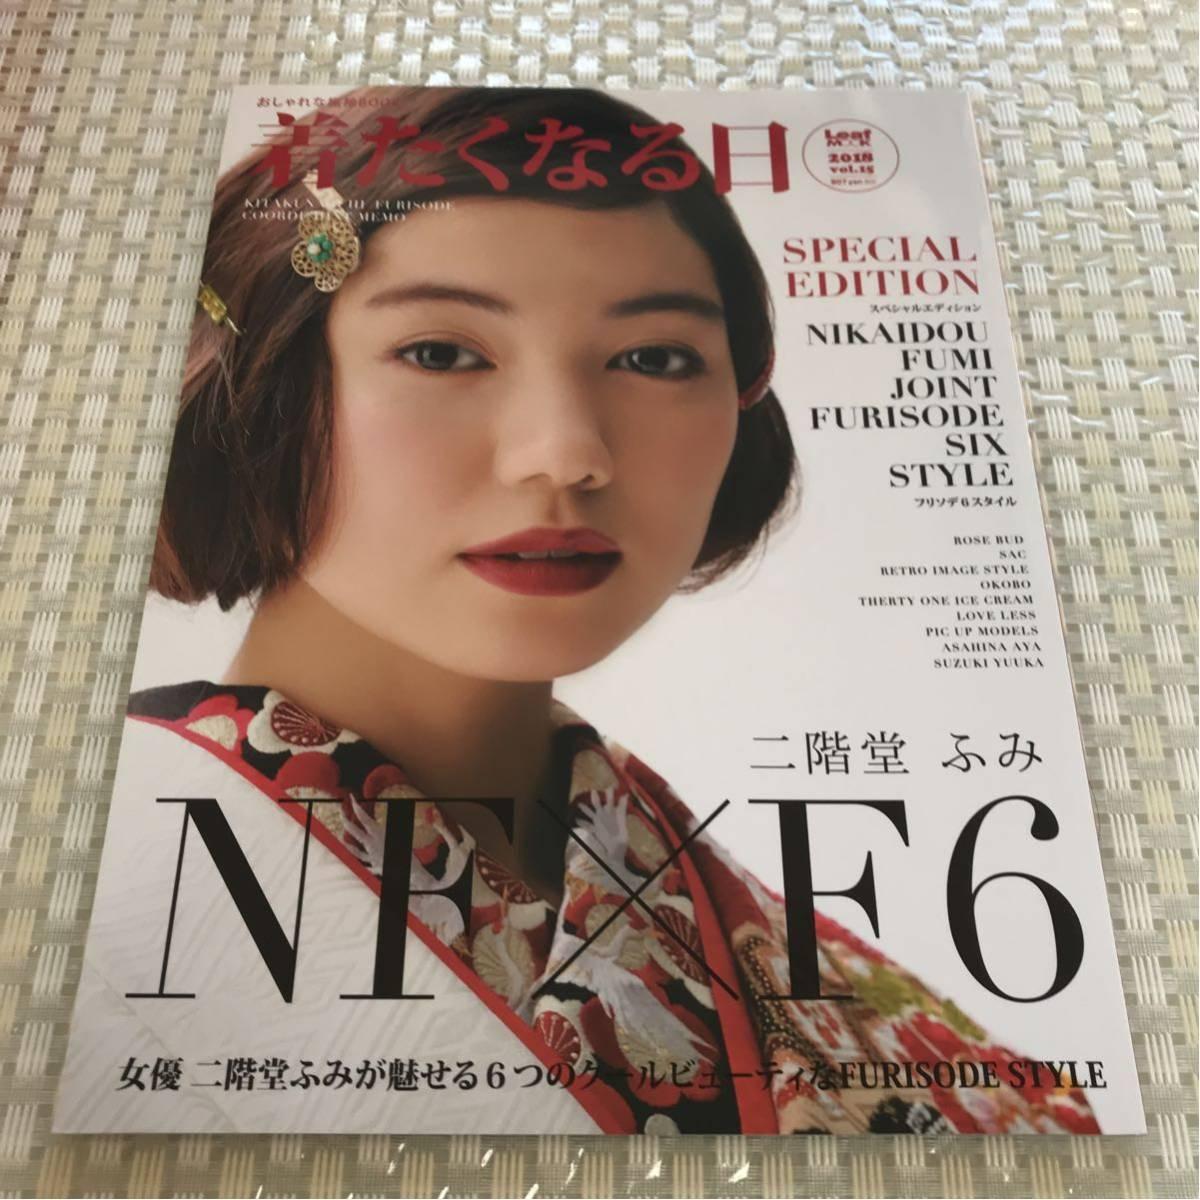 レア☆着たくなる日 二階堂ふみ☆振袖 着物 カタログ 雑誌 表紙 写真集